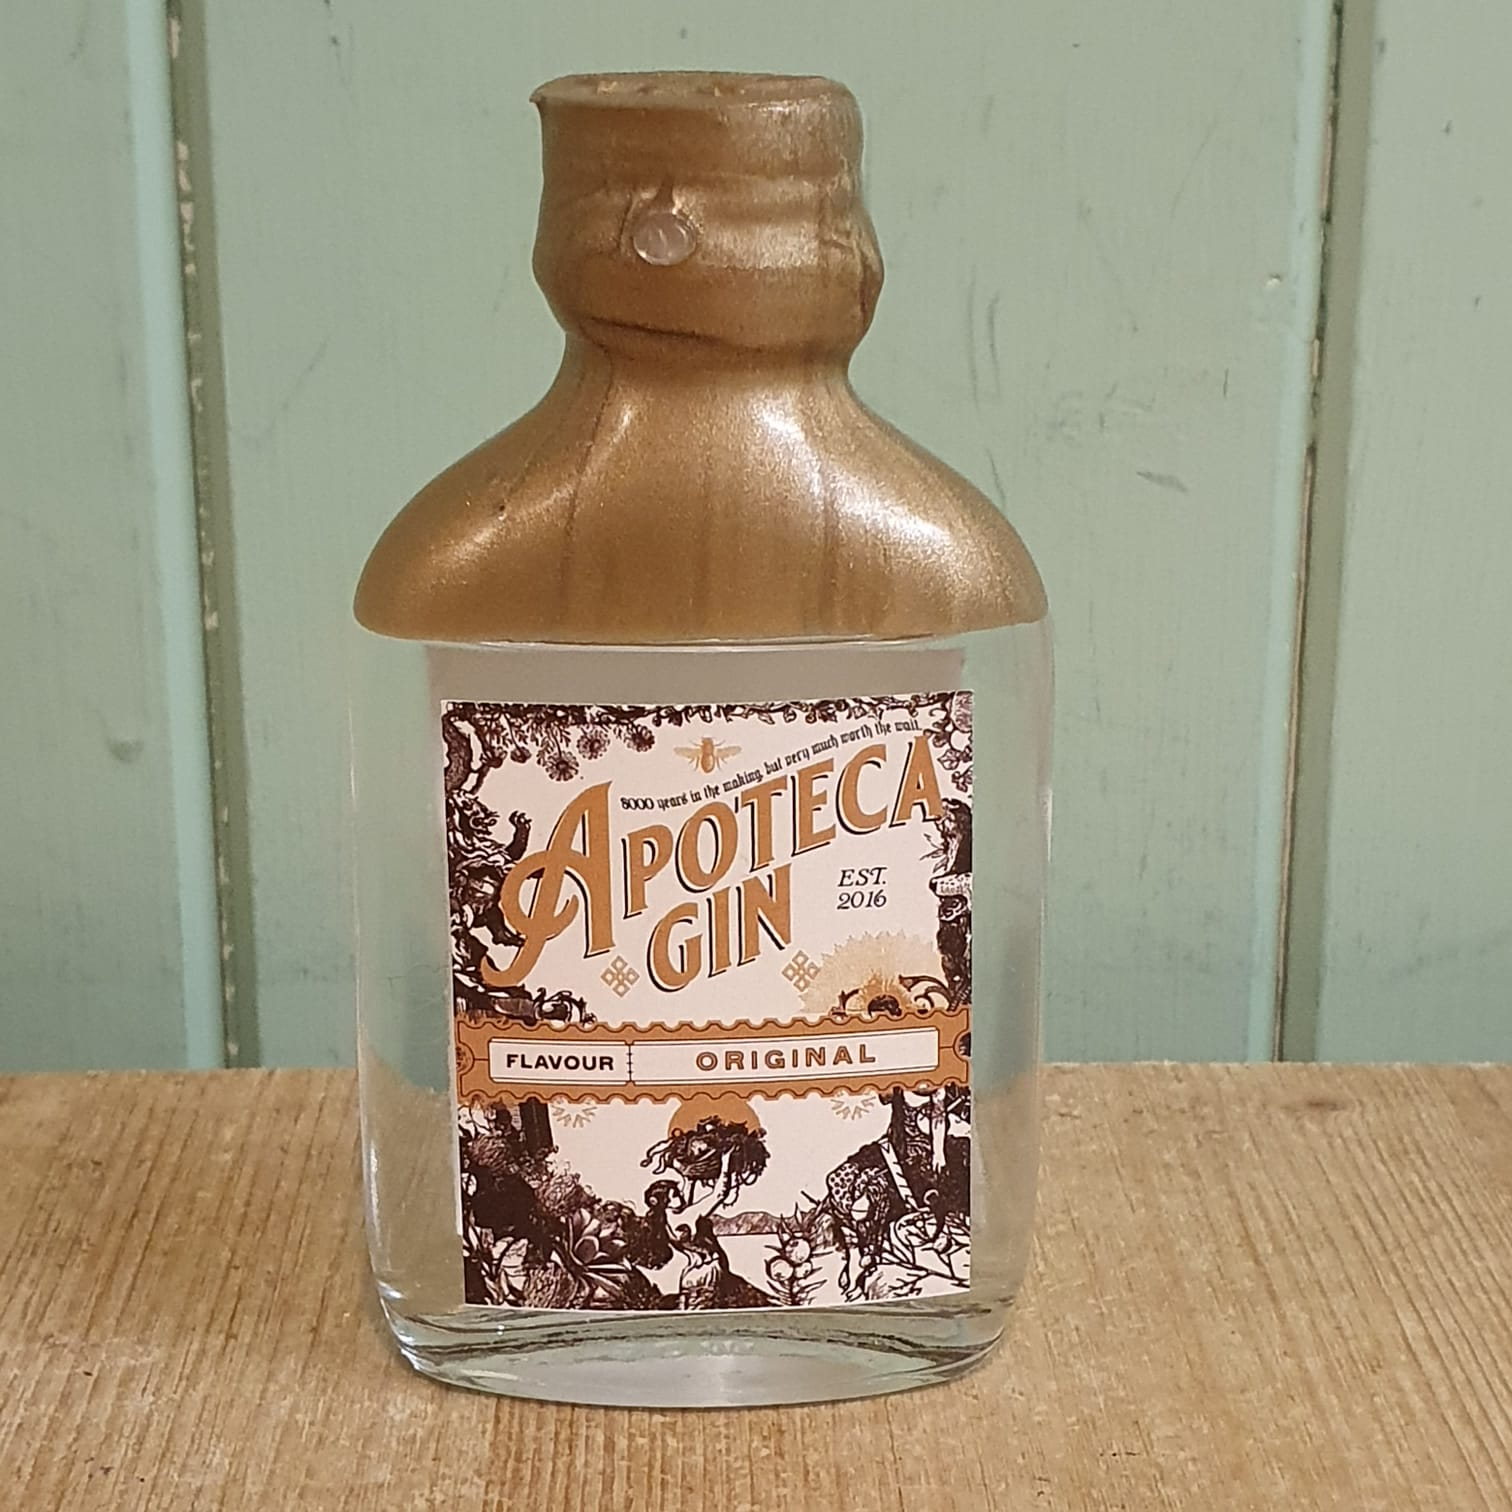 Apoteca - Gin Miniatures 4cl